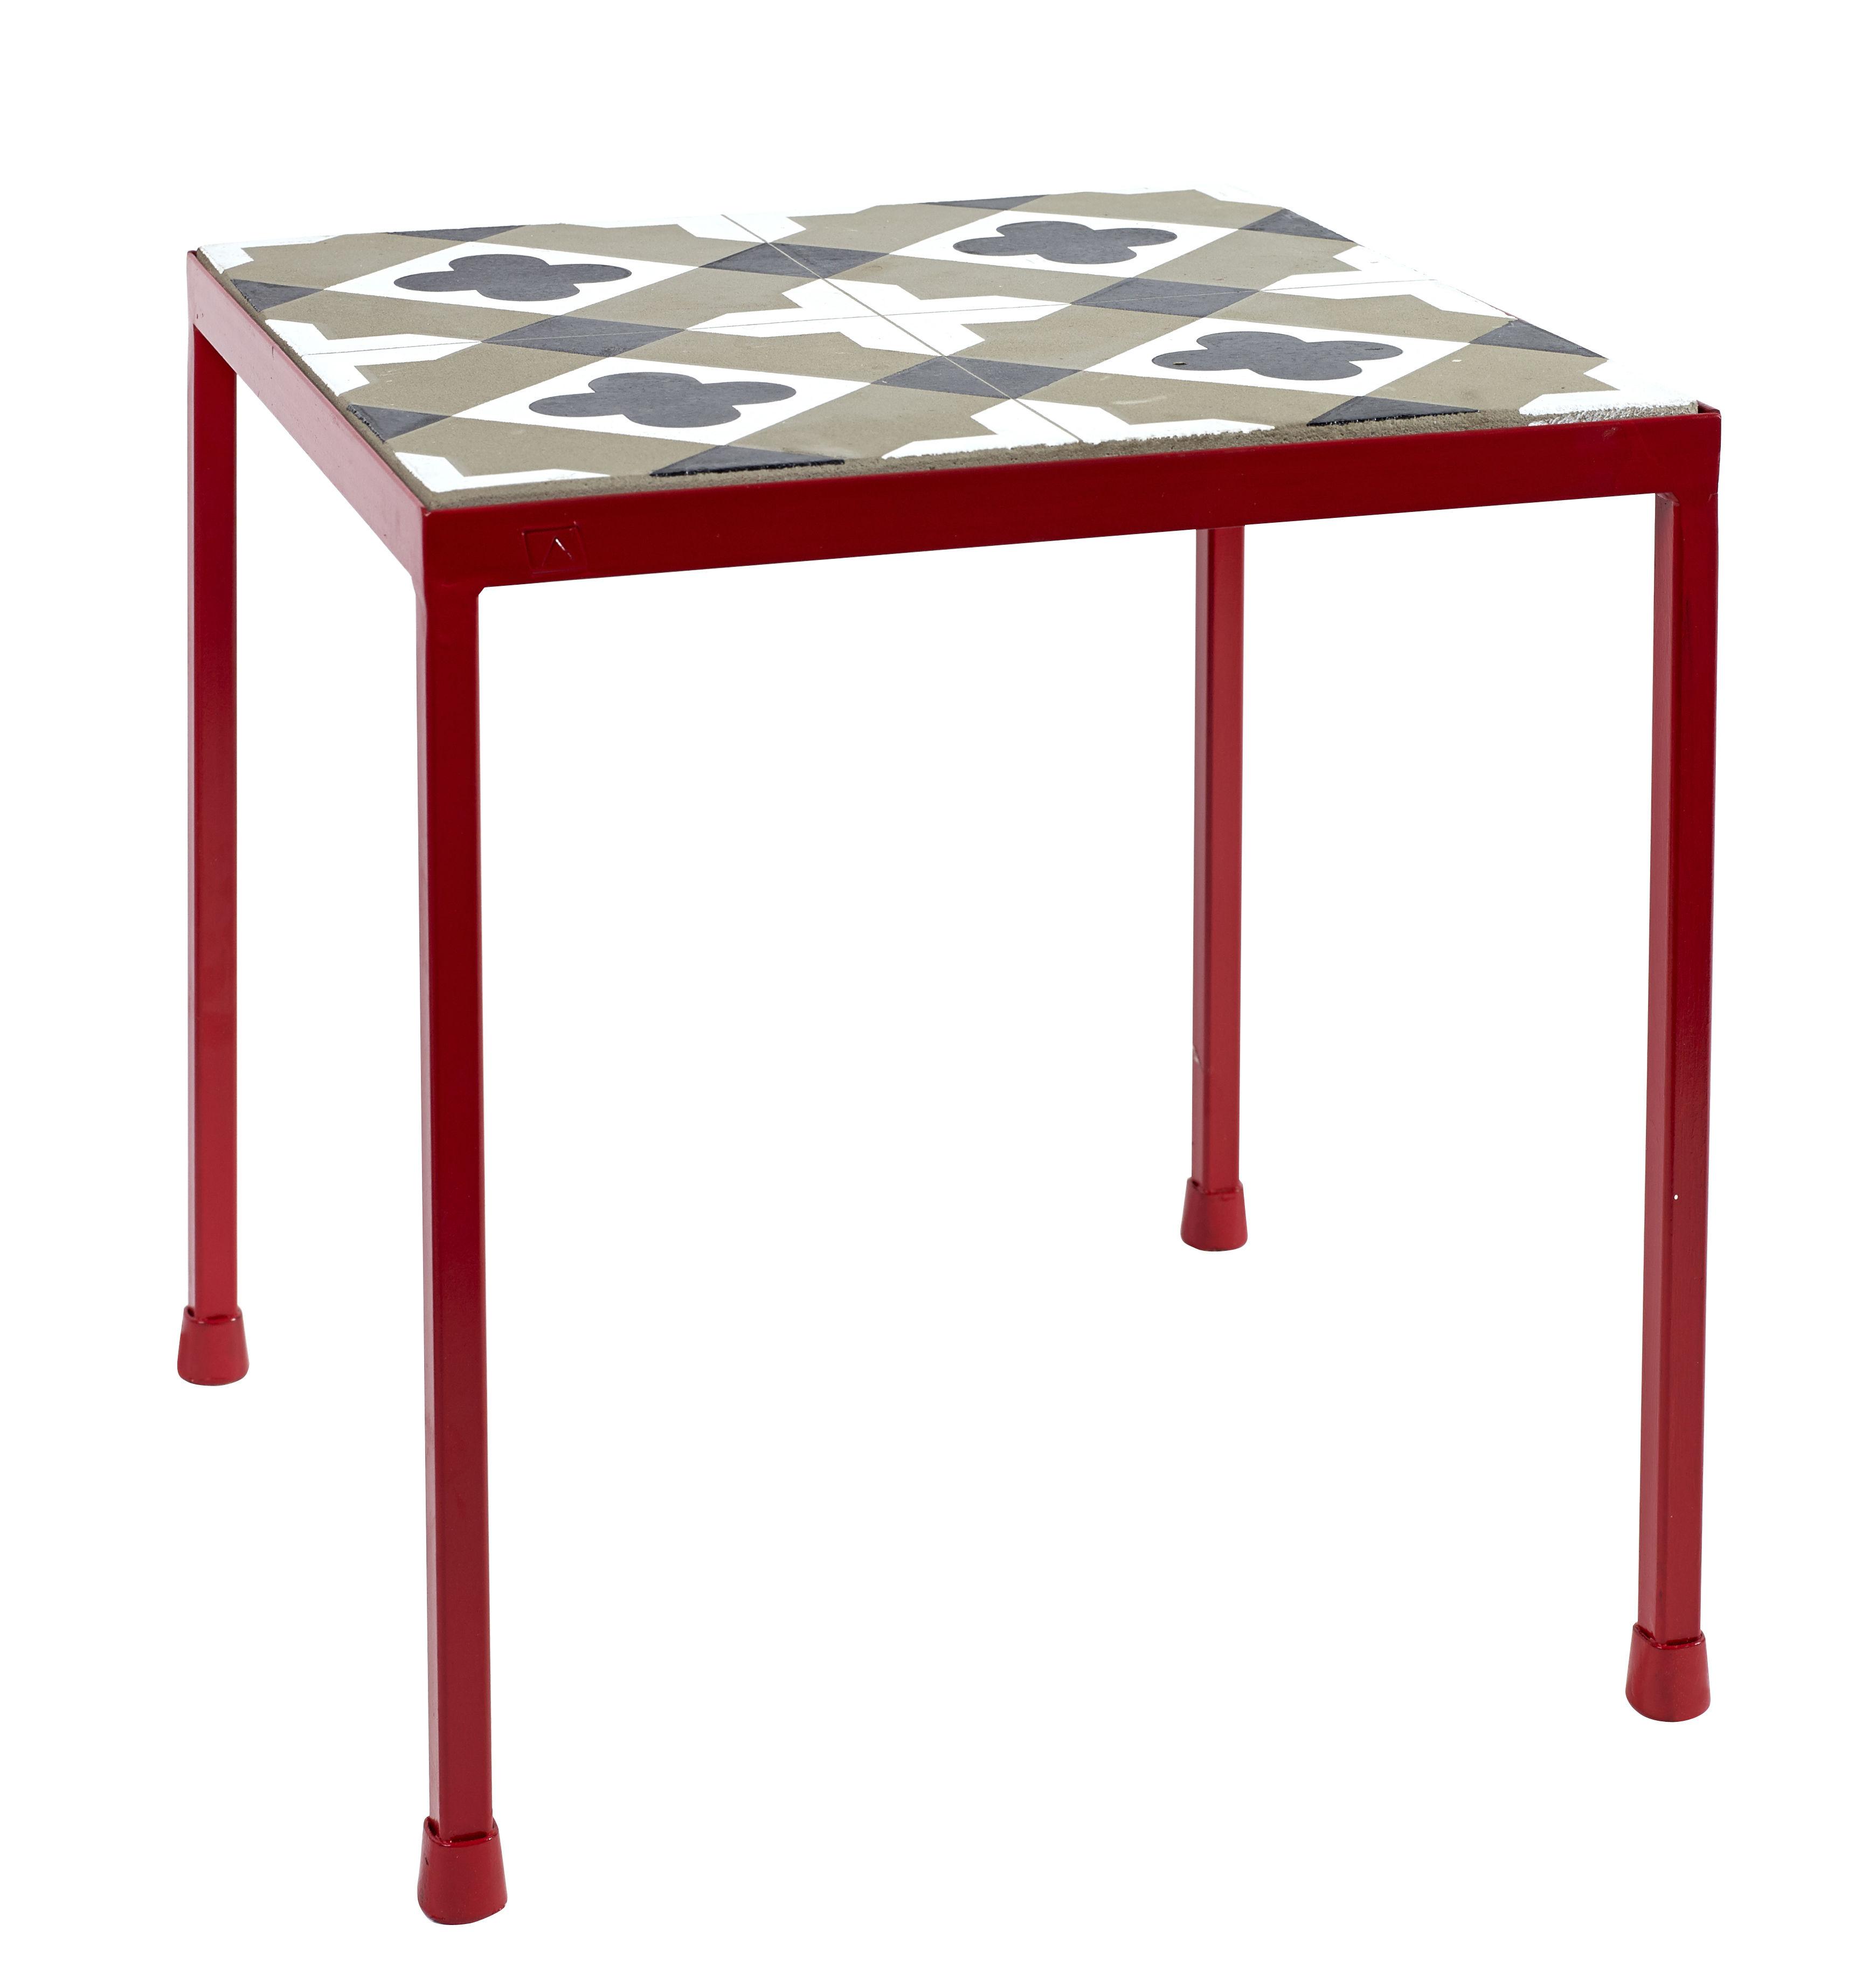 table d 39 appoint feeling b ton motifs carreaux de ciment 40 x 40 cm gris noir pied rouge. Black Bedroom Furniture Sets. Home Design Ideas